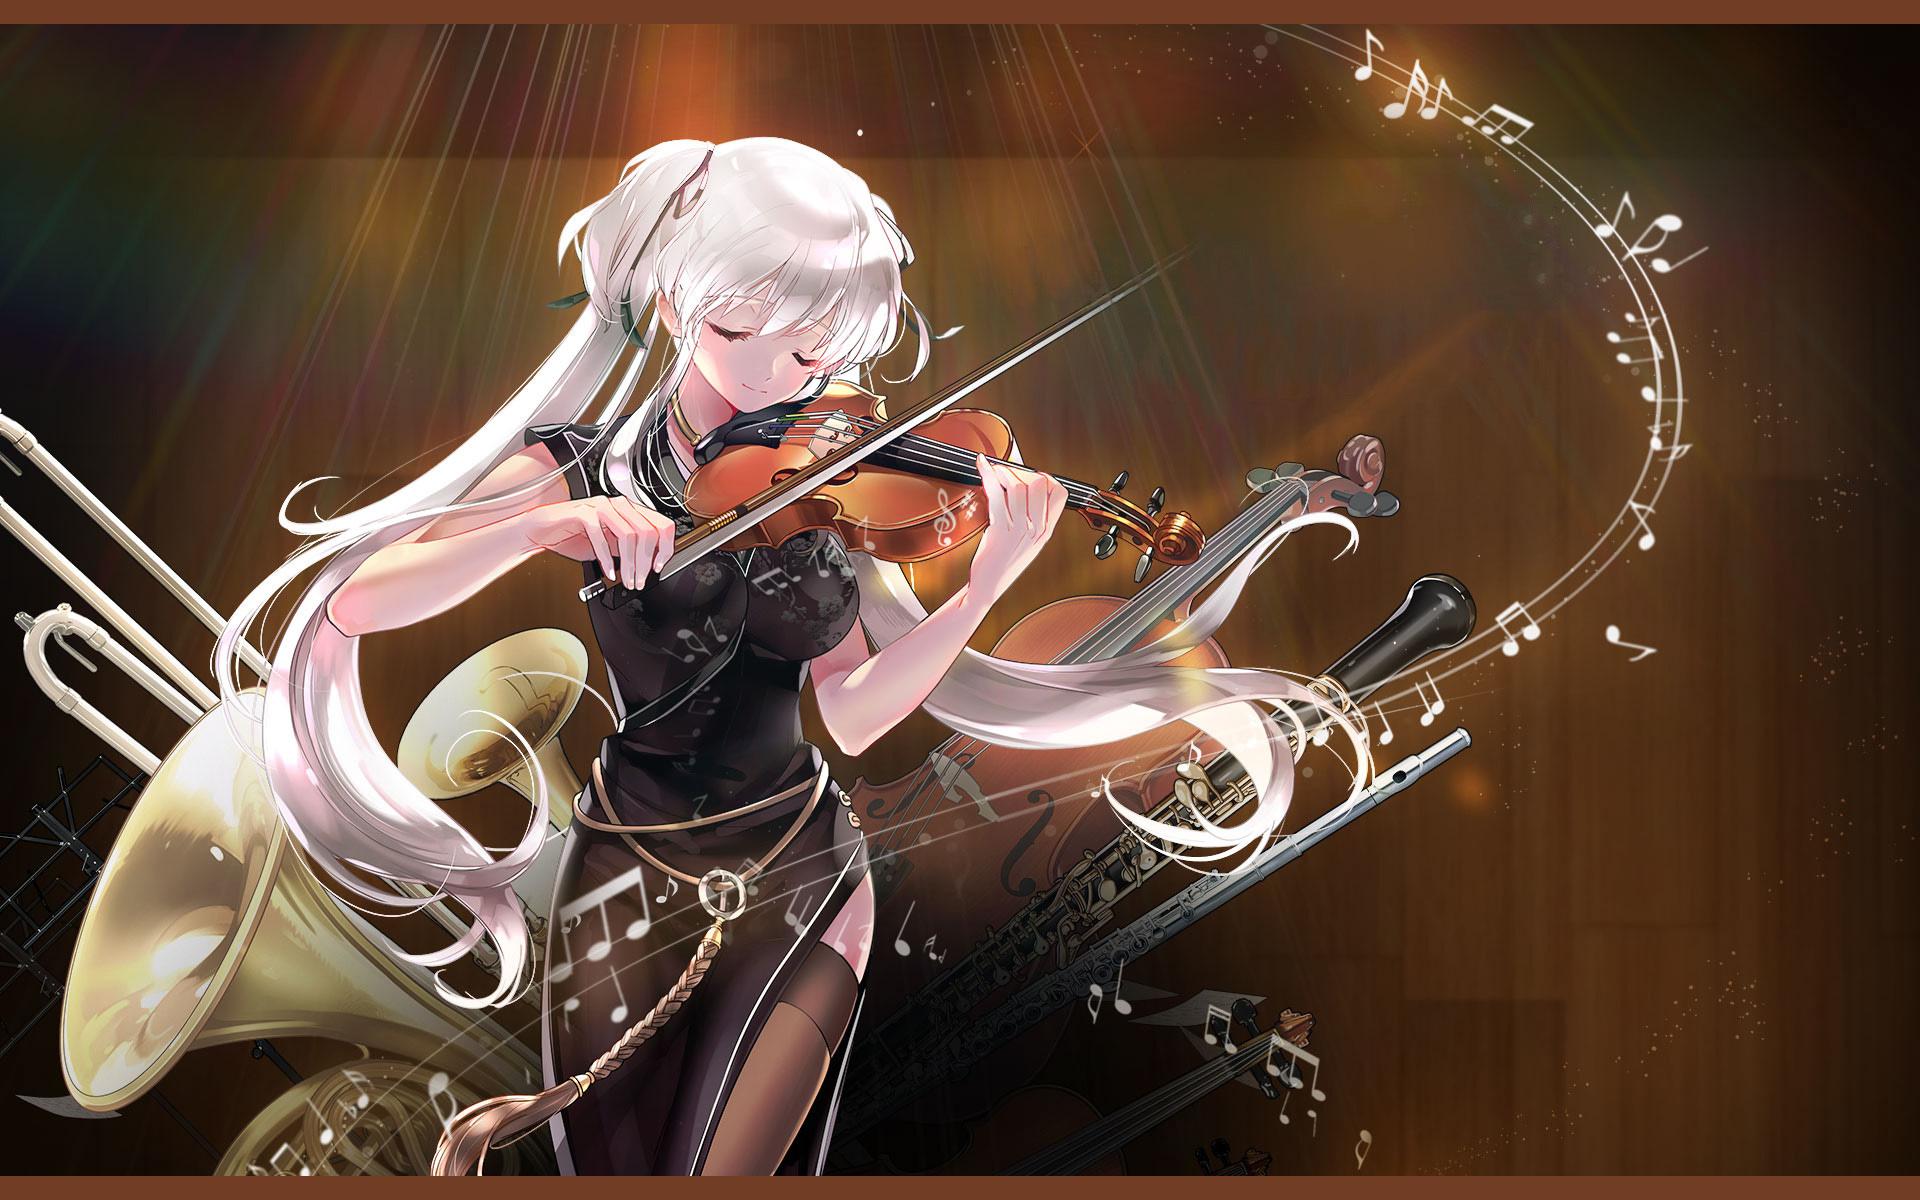 ナオのヴァイオリン1・文字なし